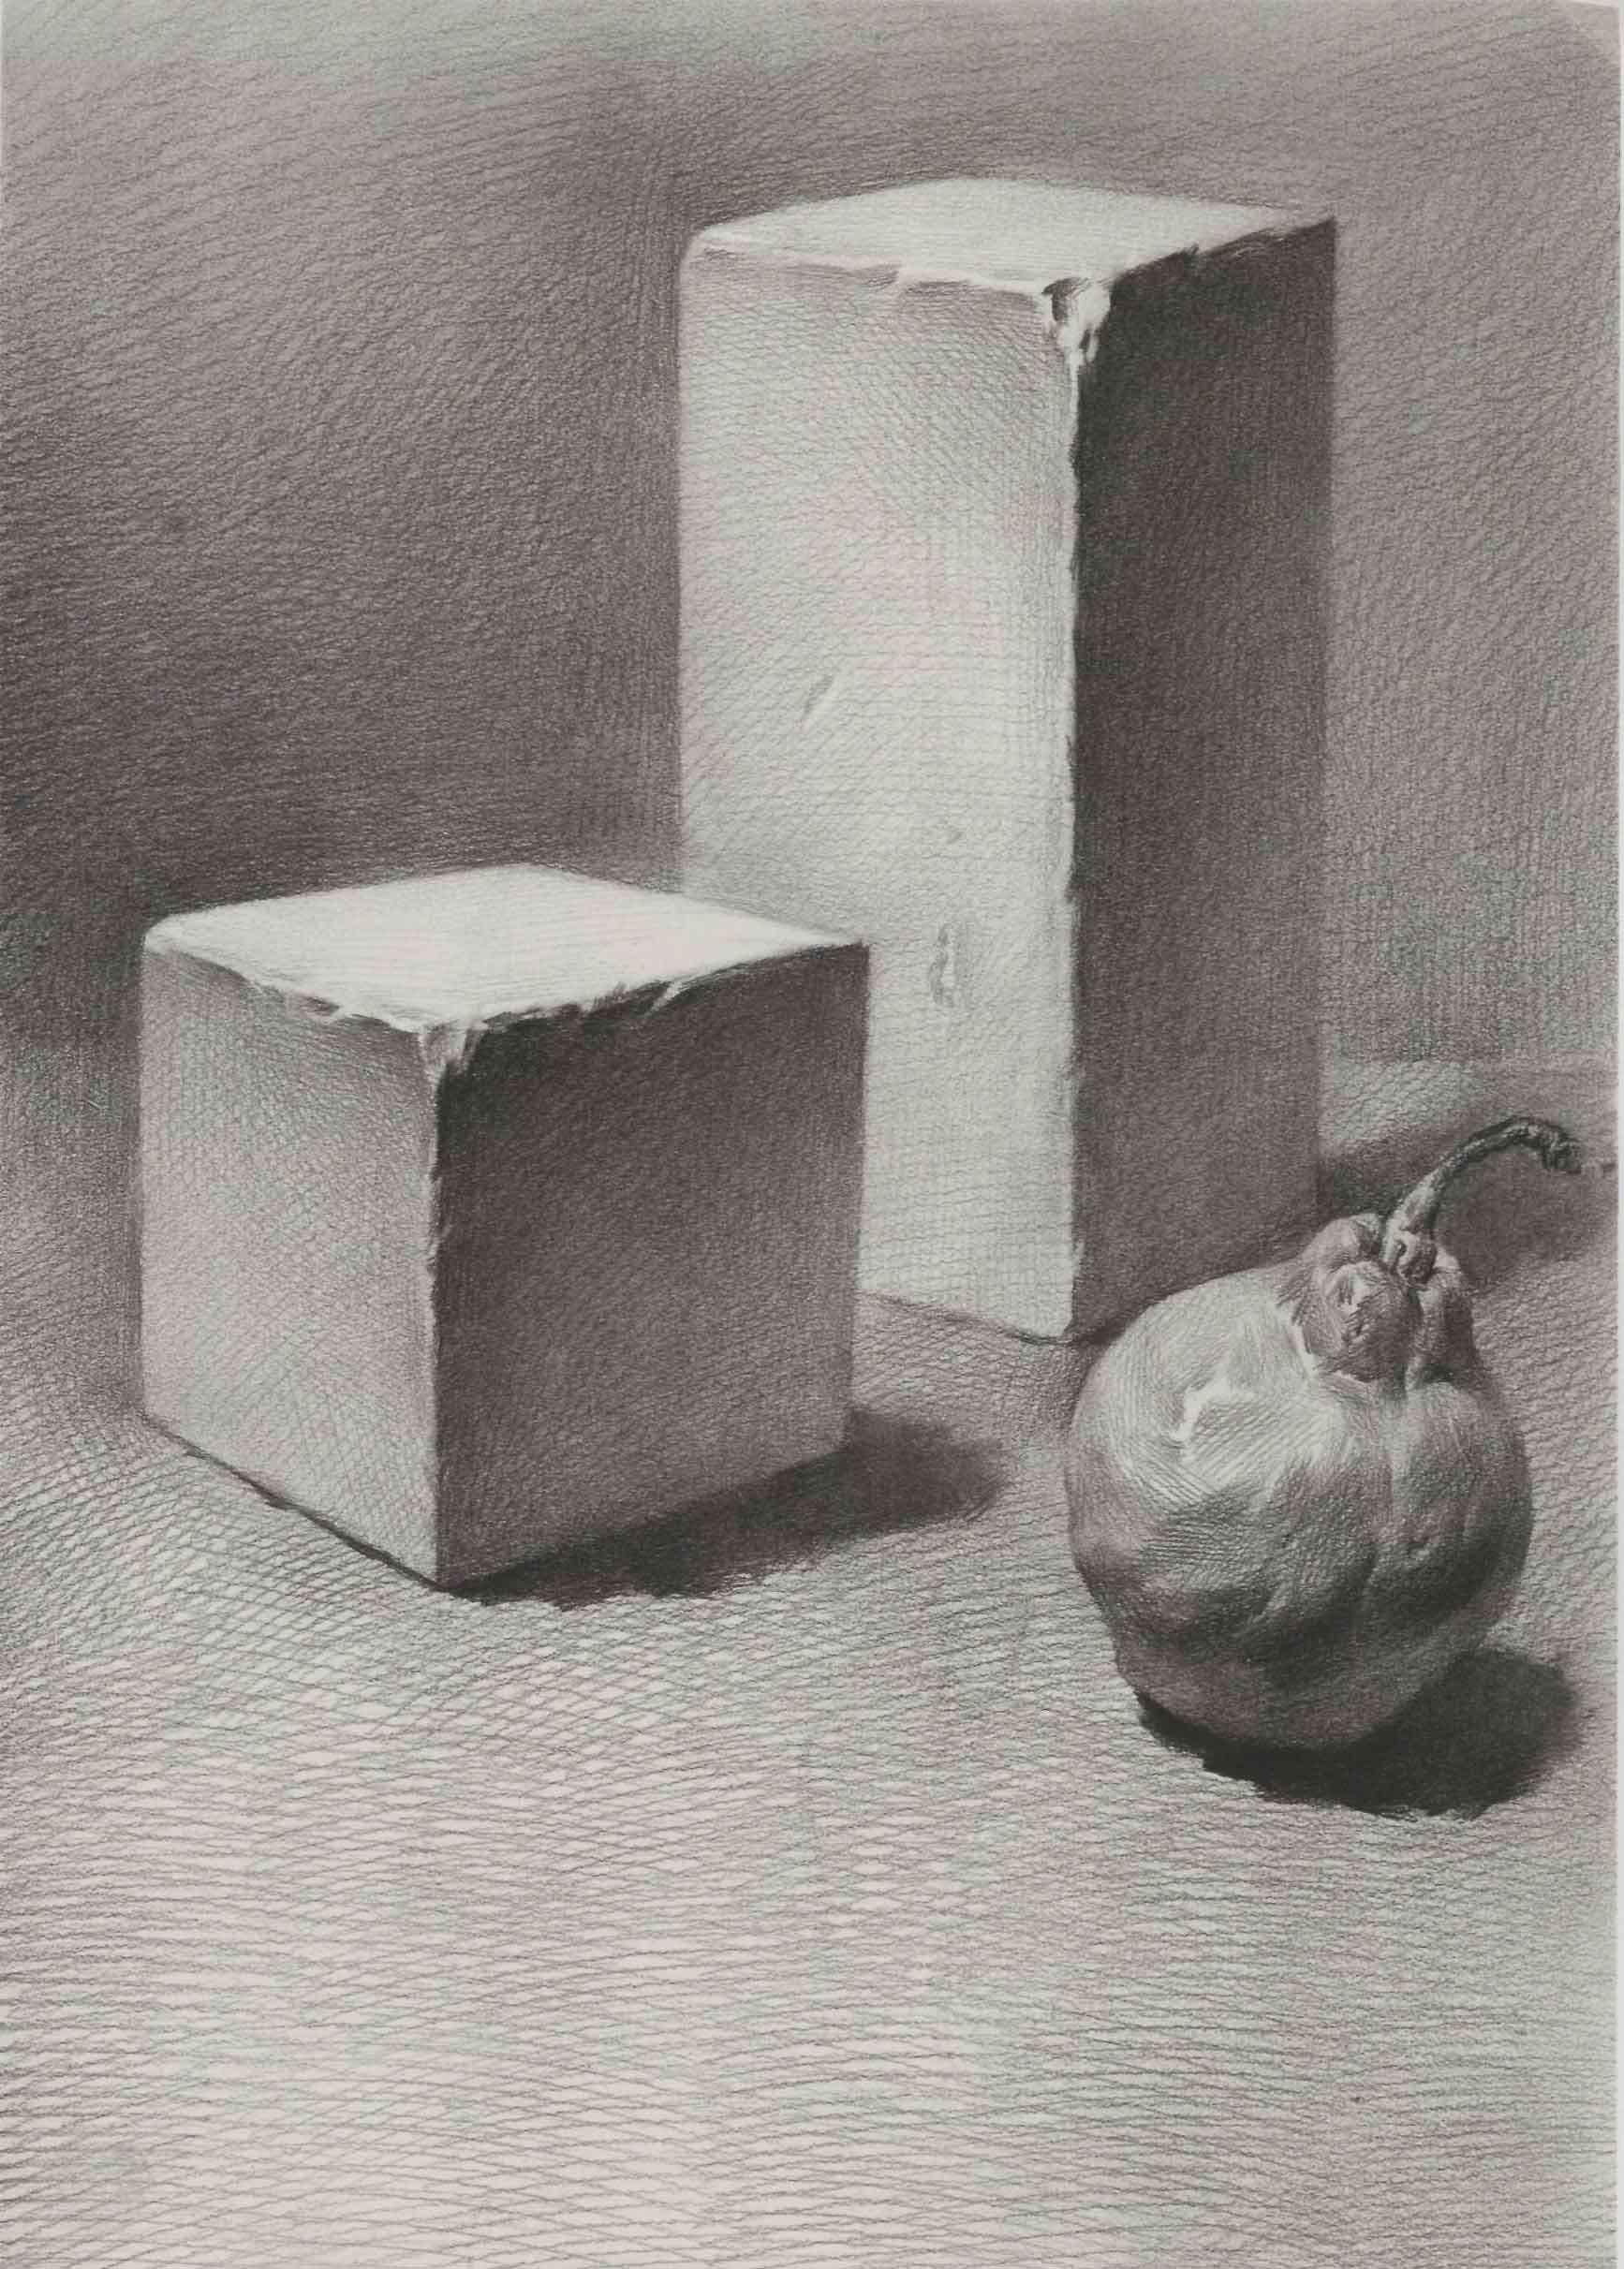 水果静物素描图片_素描正方体、长方体和梨子组合练习-普画网